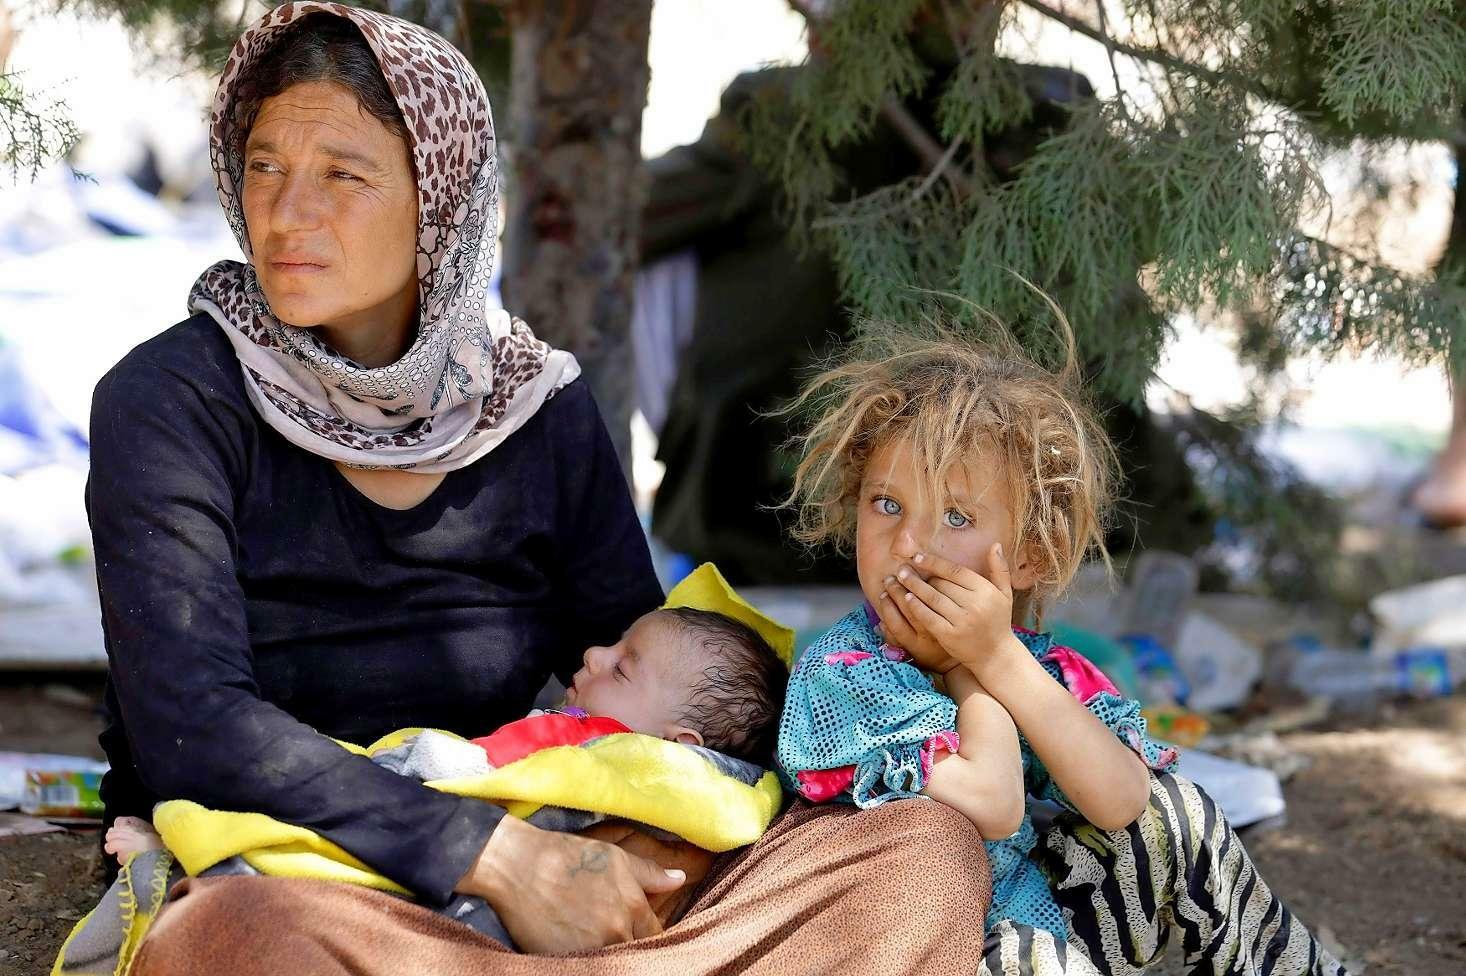 الالوسي :الاسلاميون لم يقدموا شيئا للايزيديين وضحاياهم لانهم واحد بداعش والمليشيات السنية والايرانية